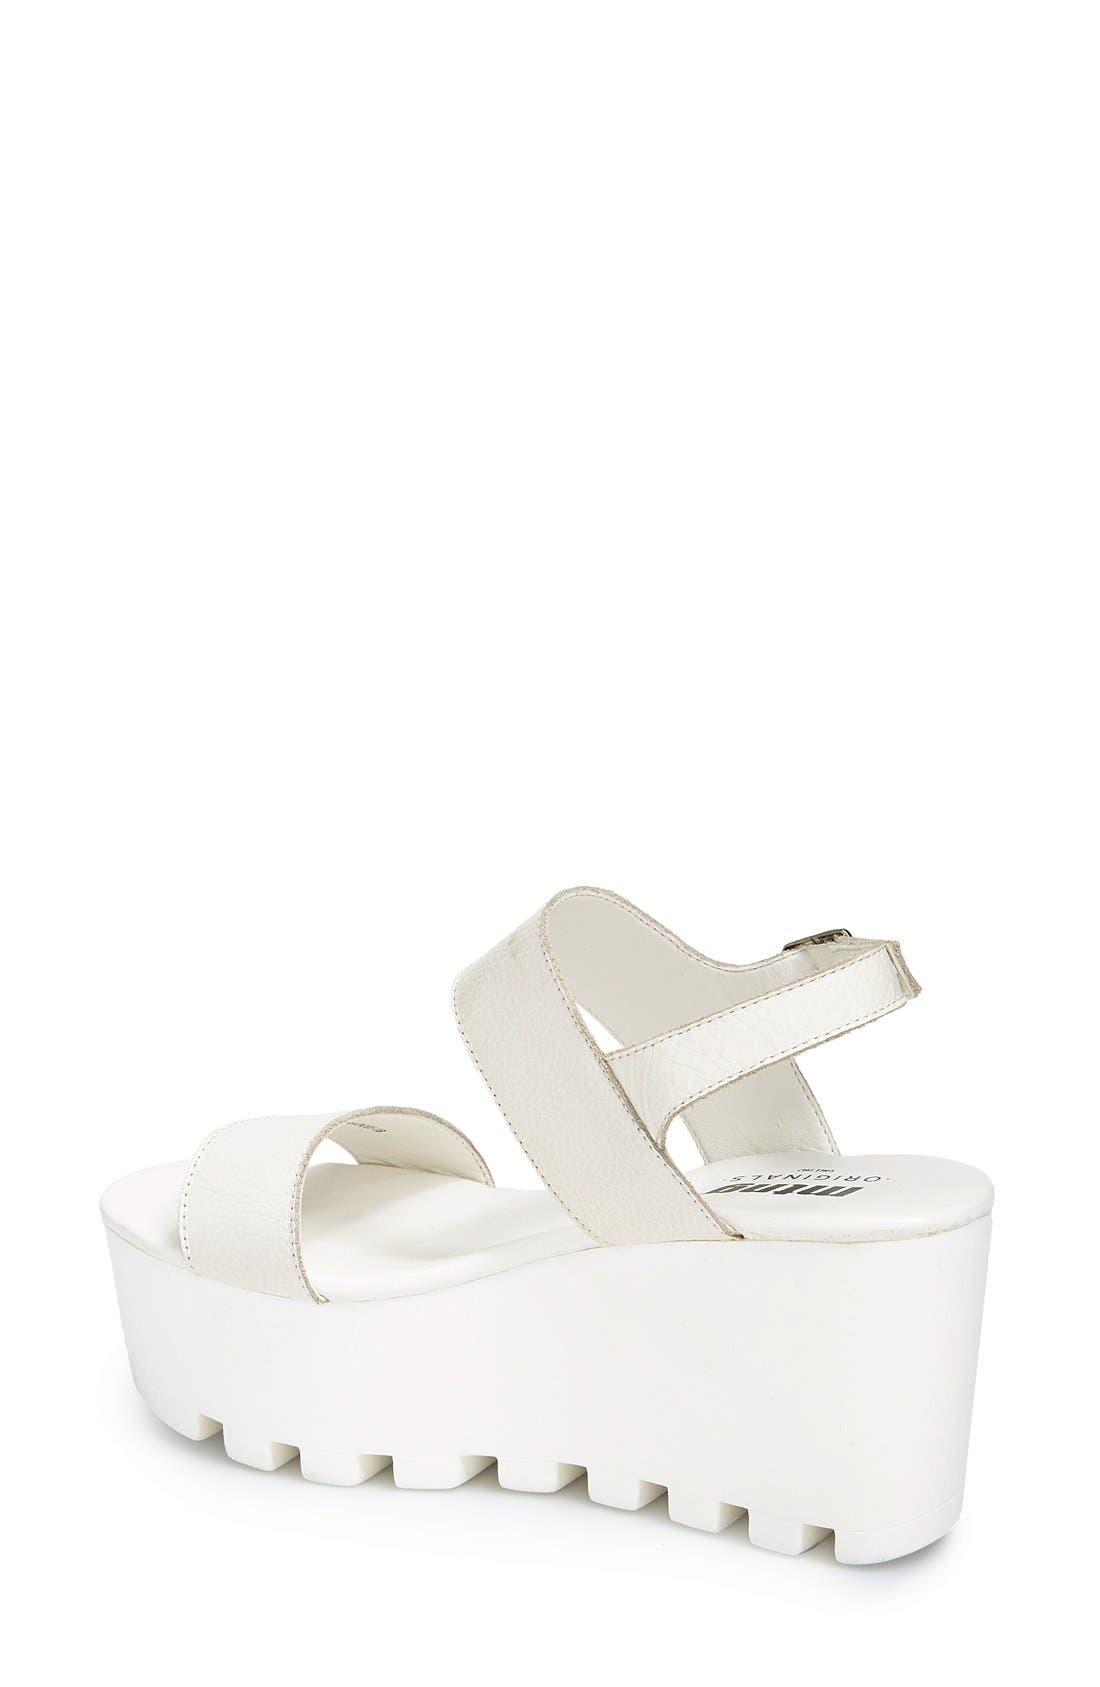 Alternate Image 2  - MTNG Originals 'Amber' Platform Sandal (Women)